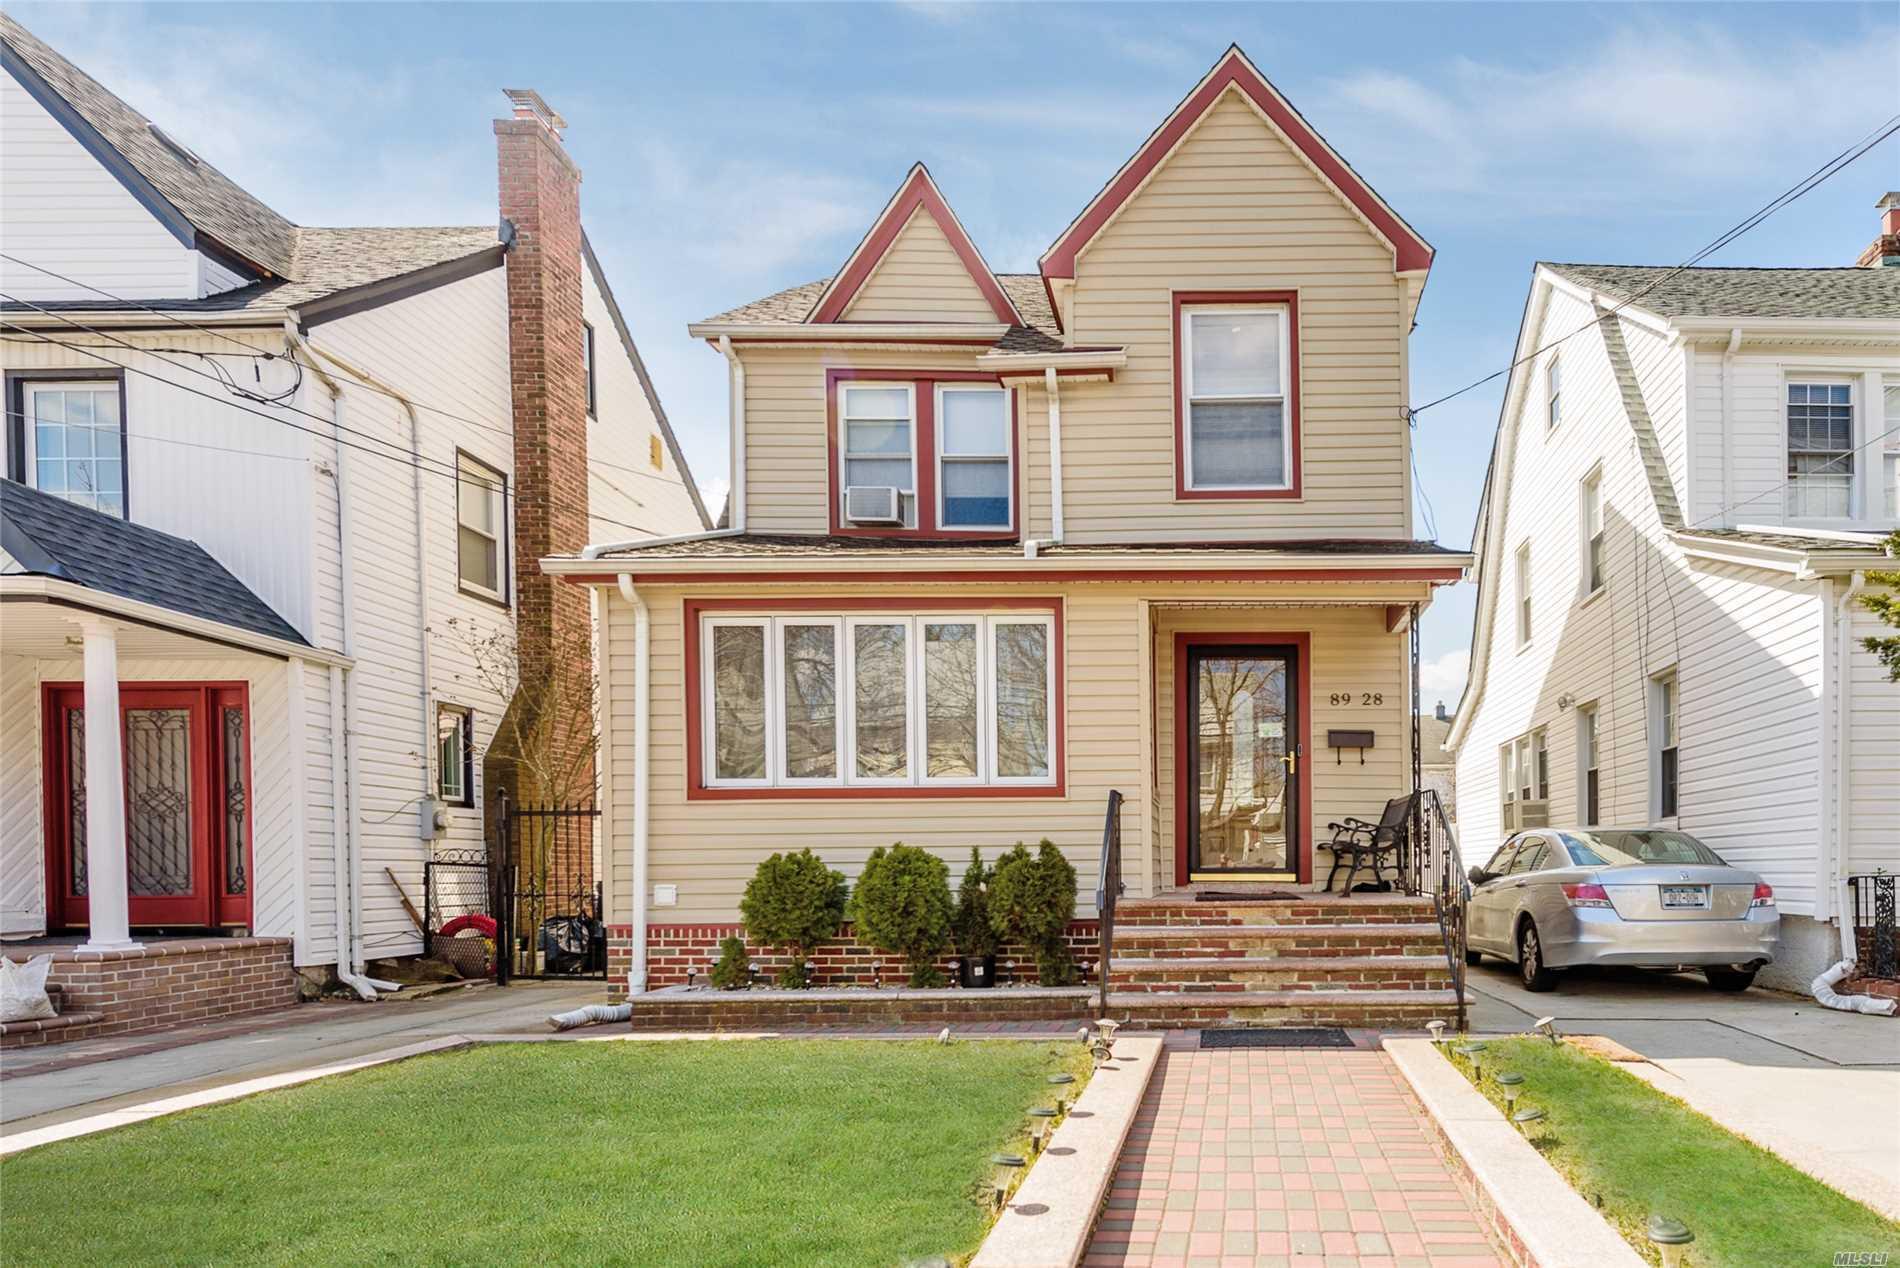 89-28 216th St - Queens Village, New York